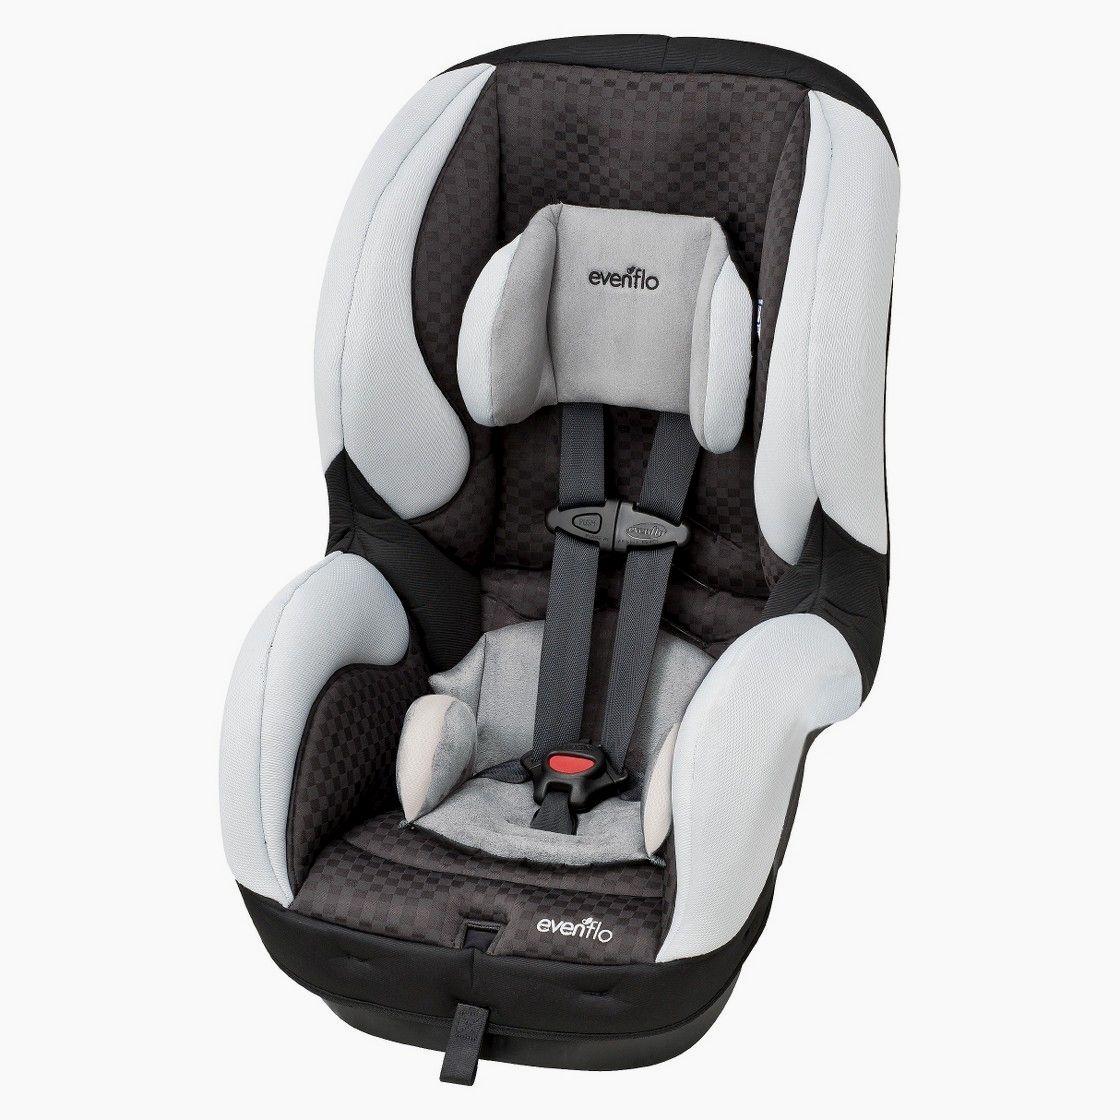 recaro convertible car seats,recaro convertible car seat